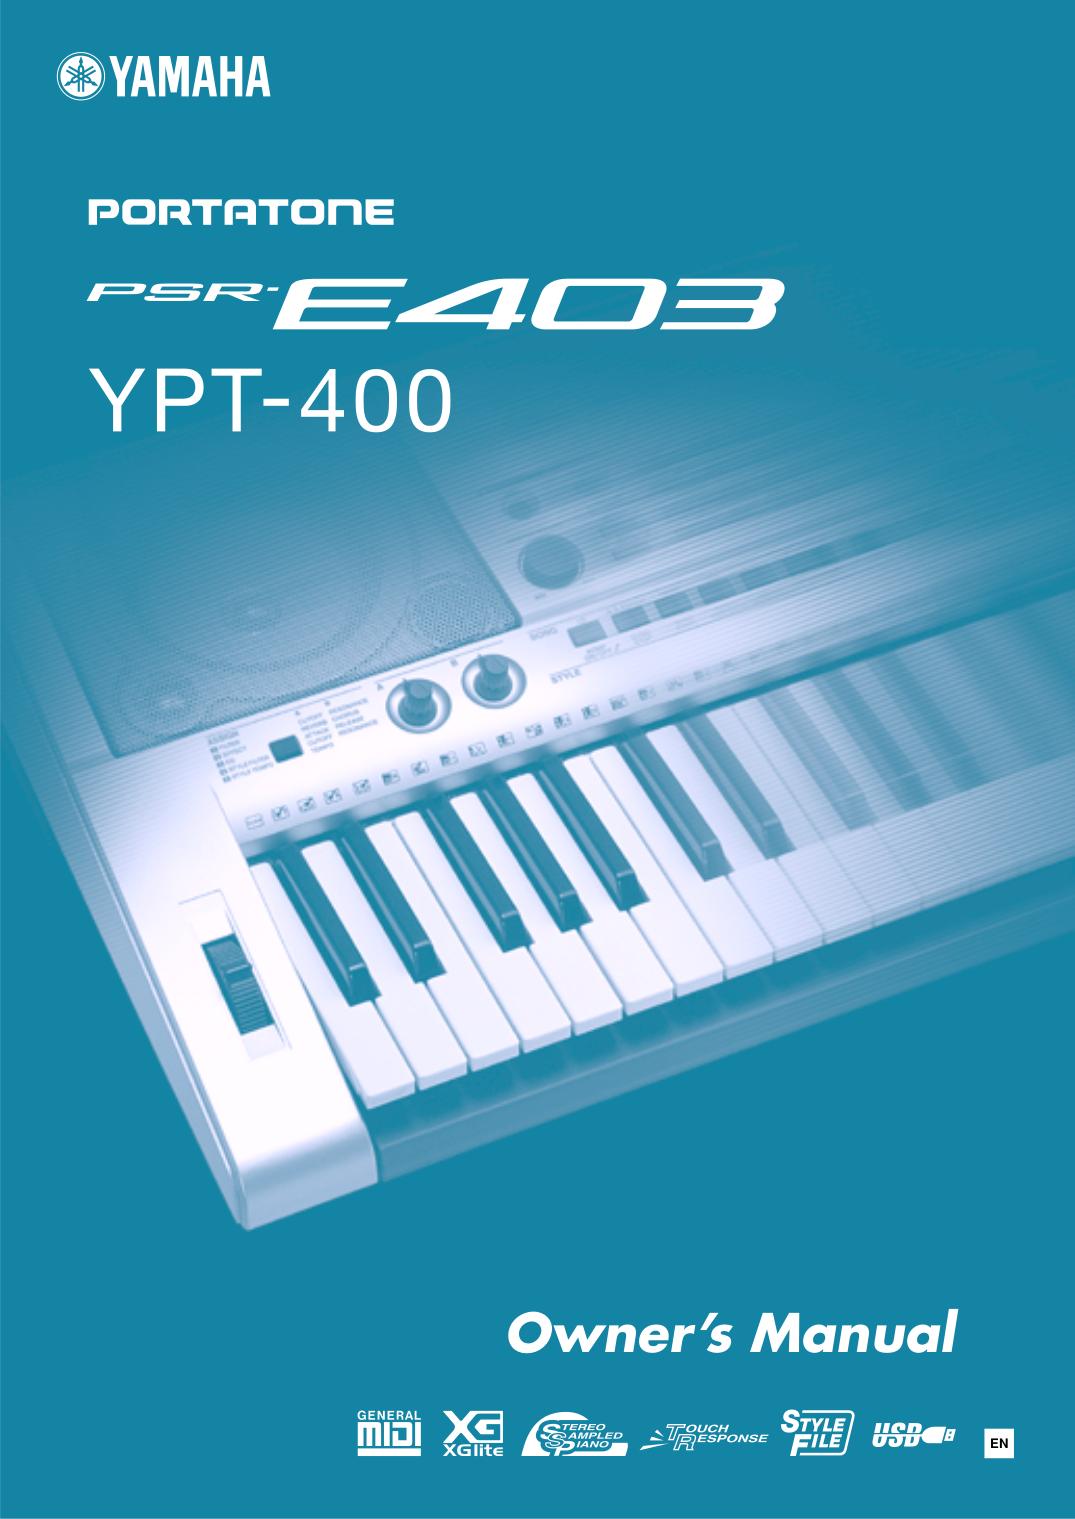 Download free pdf for yamaha psr 410 music keyboard manual for Yamaha psr 410 keyboard